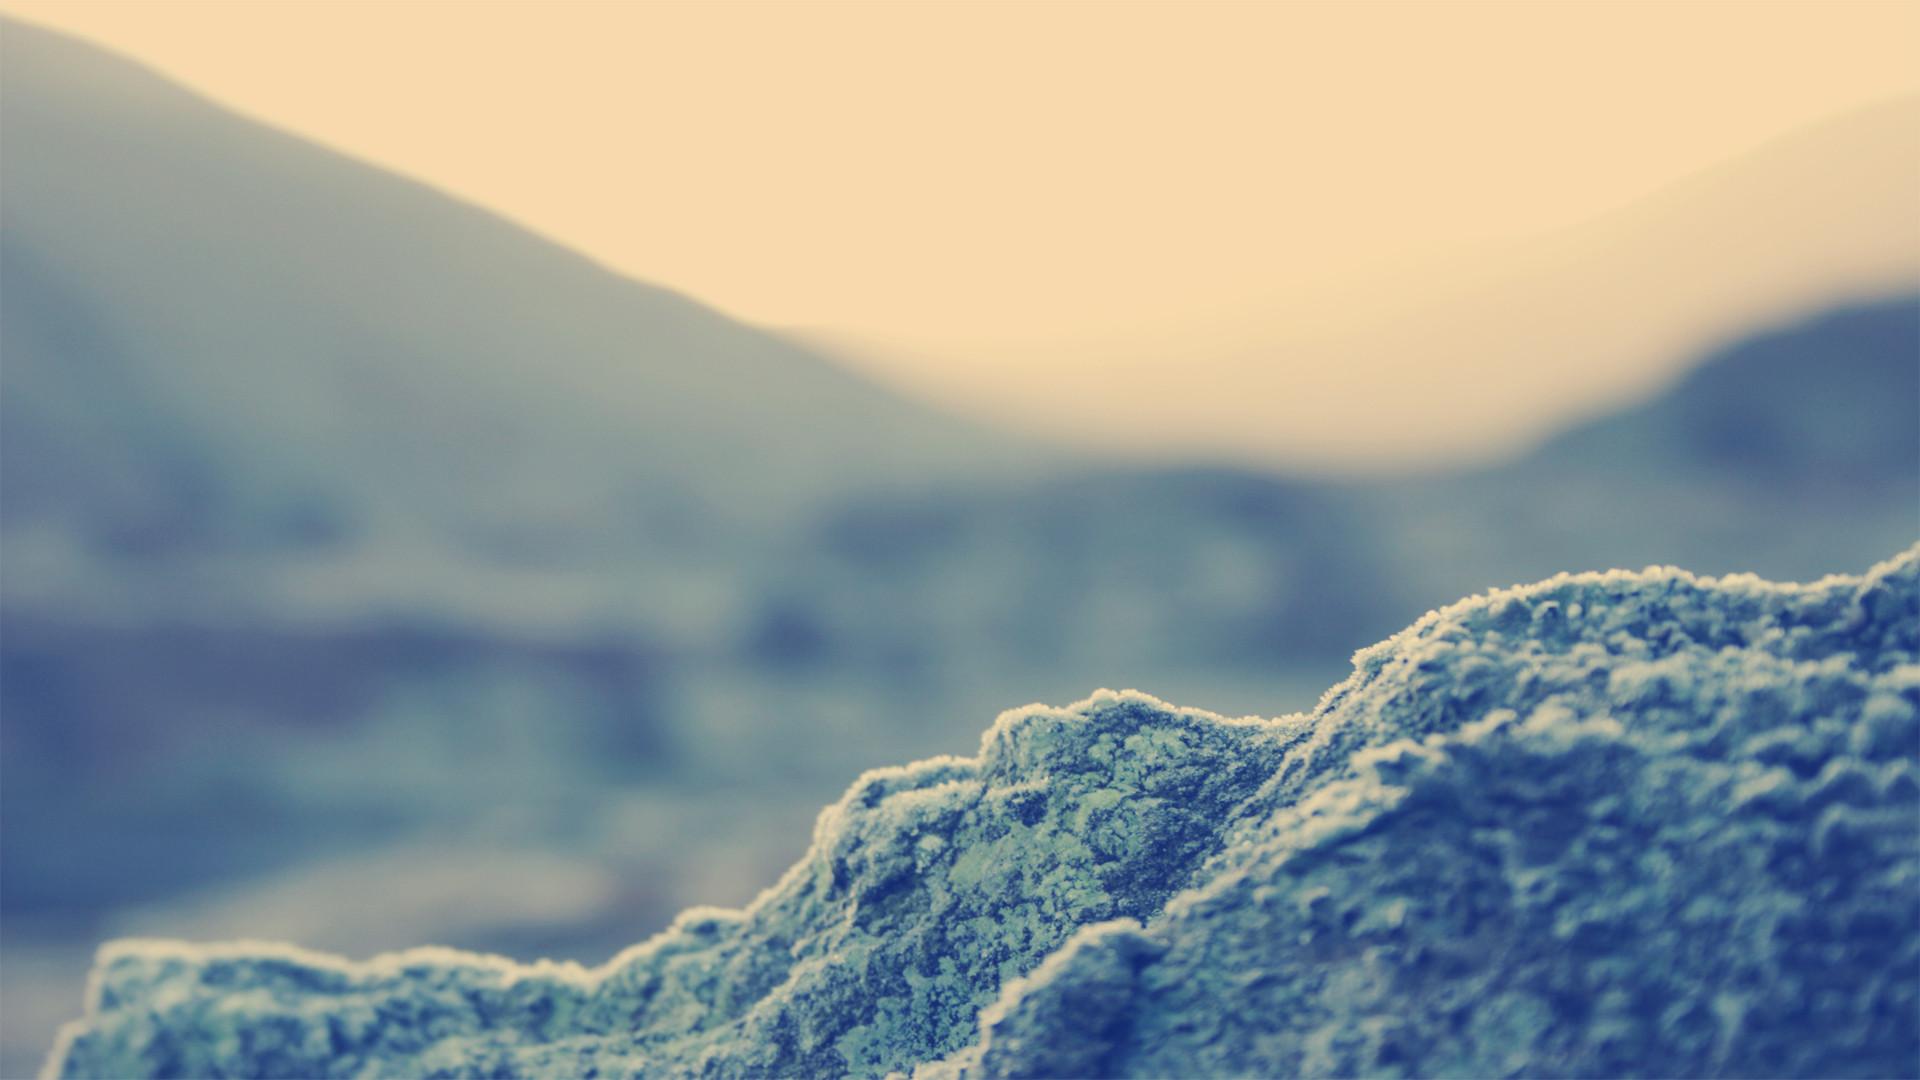 soft-color-blurred-background-rocks-hd-wallpaper-abstrack-photo-blurred-colors-hd-wallpaper